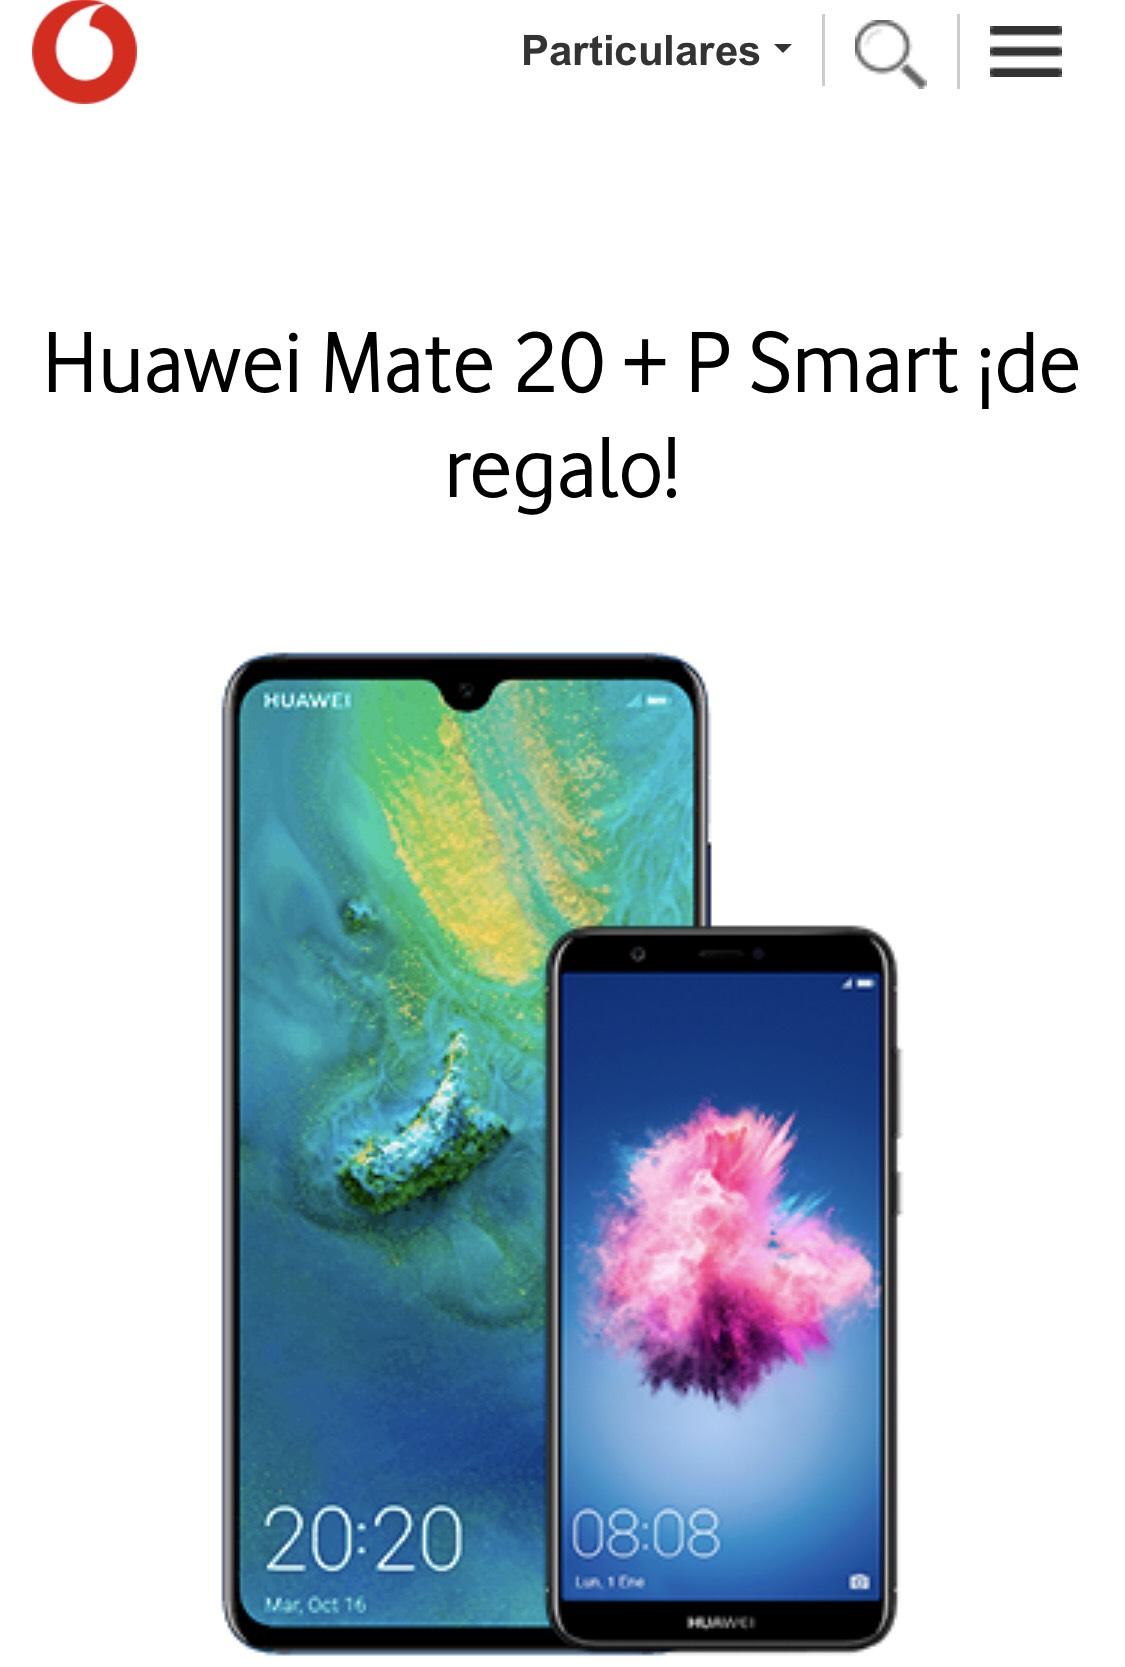 Huawei Mate 20 + Huawei P Smart